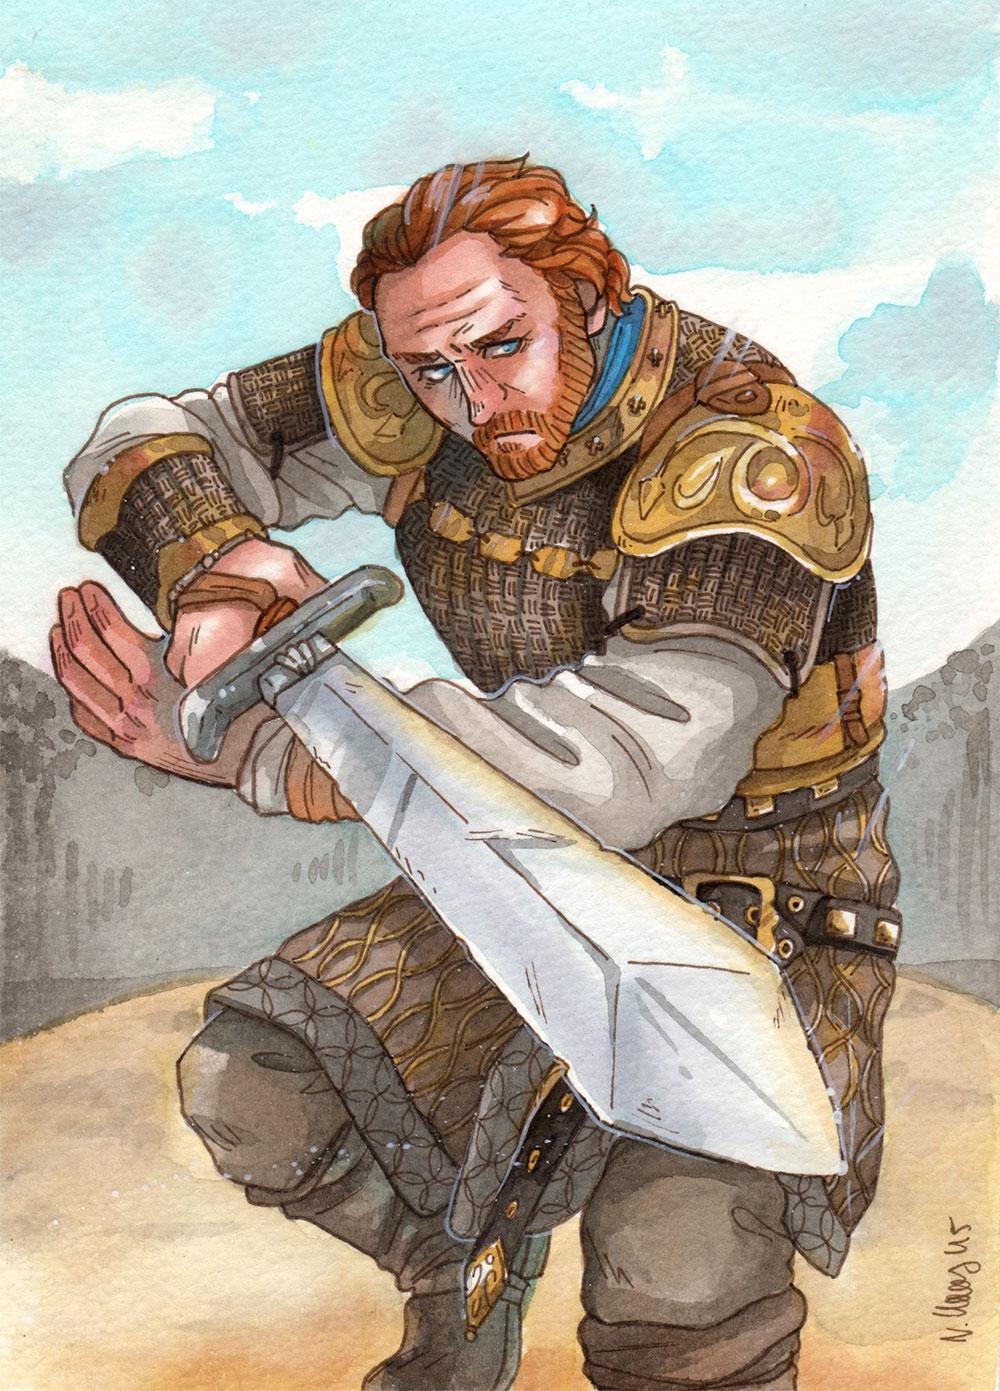 Bastard Blade [Ser Jorah Mormont] by ProfDrLachfinger